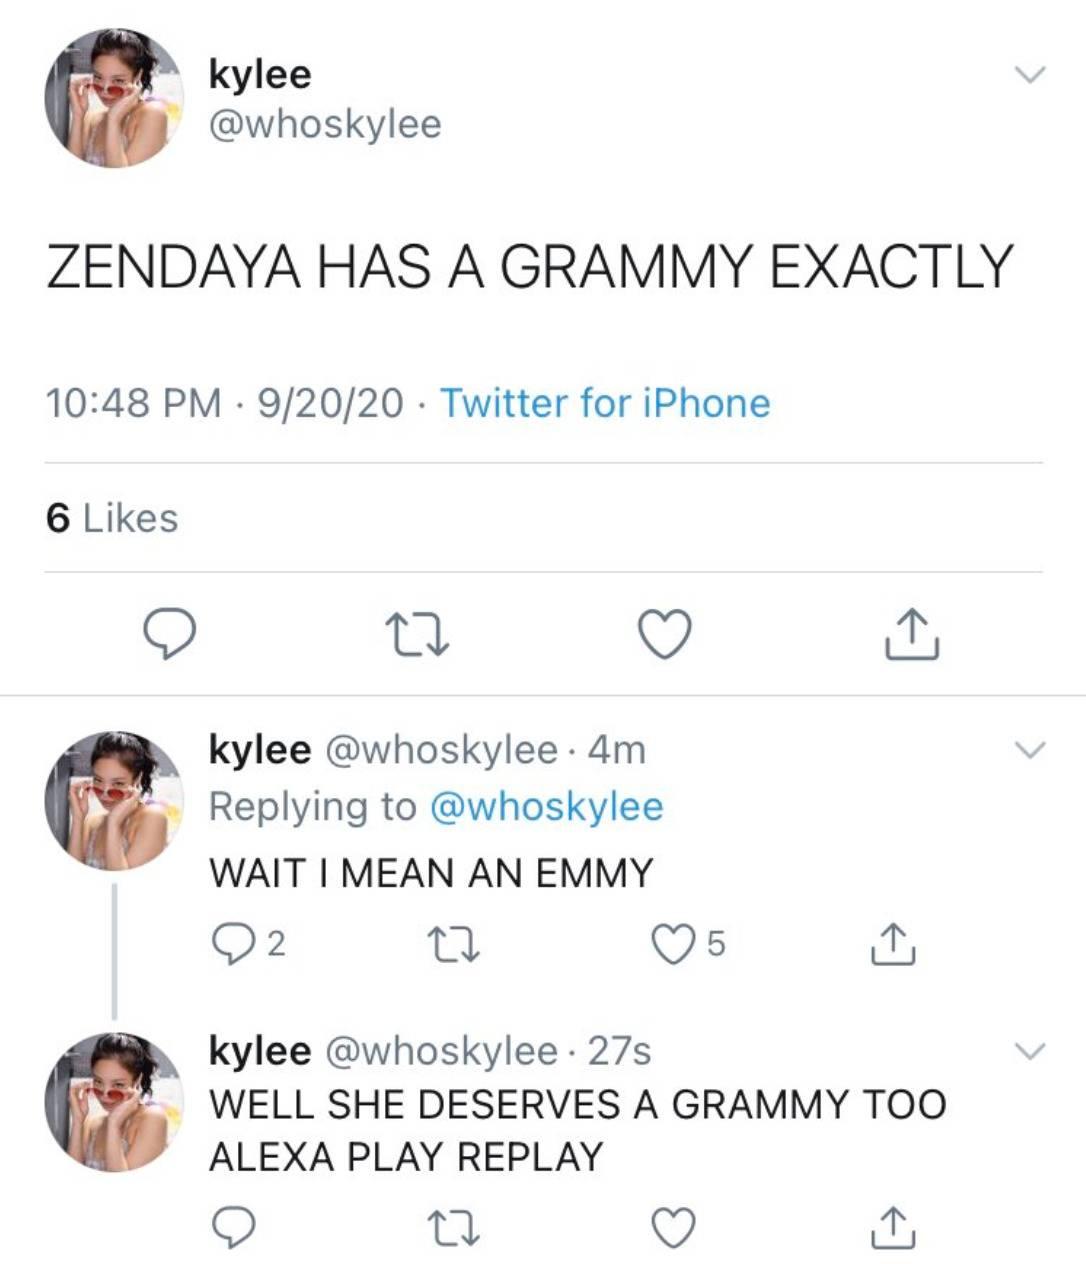 someone thinking that Zendaya won a Grammy